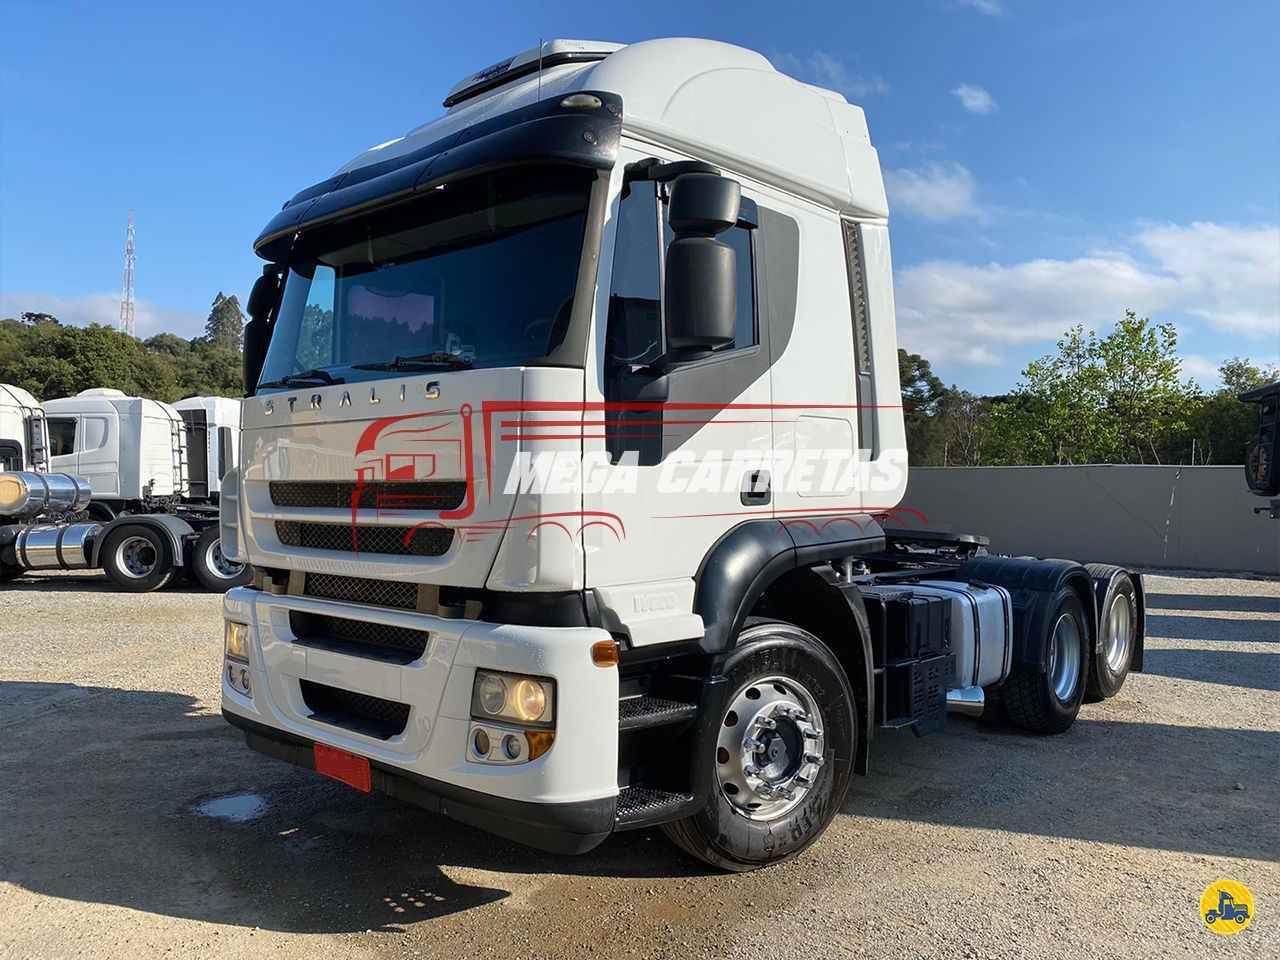 CAMINHAO IVECO STRALIS 410 Cavalo Mecânico Truck 6x2 Mega Carretas COLOMBO PARANÁ PR